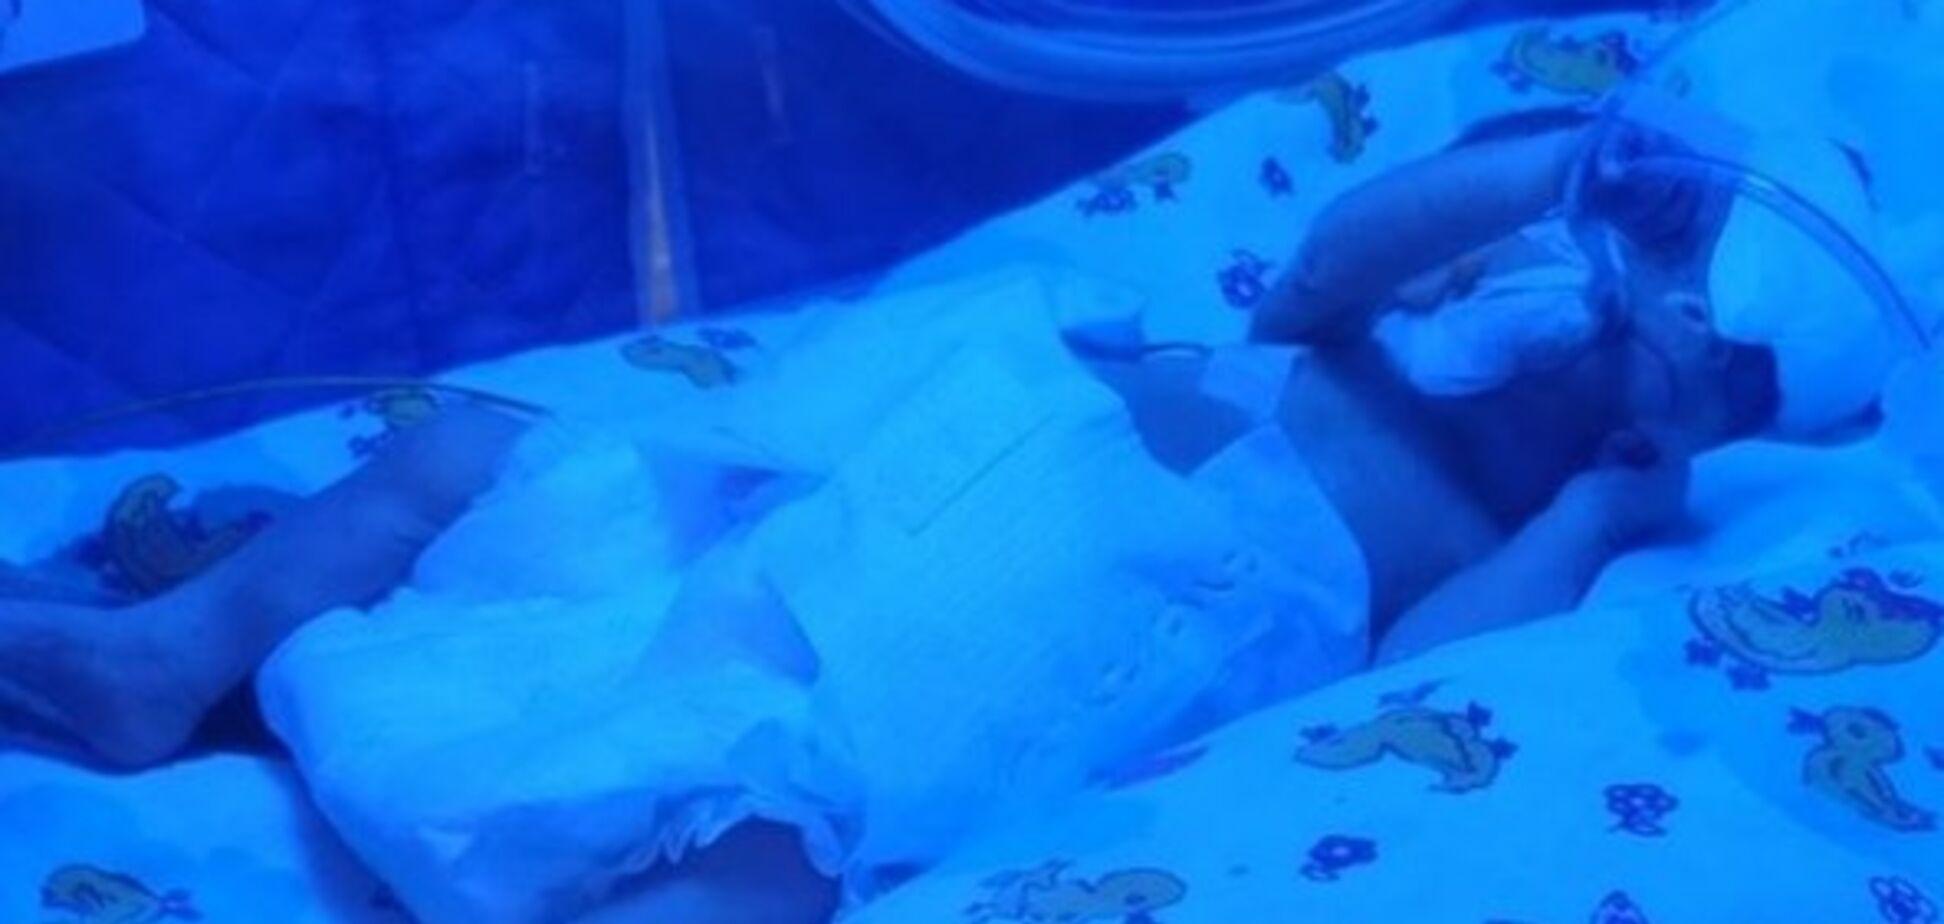 У Запоріжжі 16-річна дівчина народила дитину вагою менше 700 грамів: лікарі намагаються її врятувати